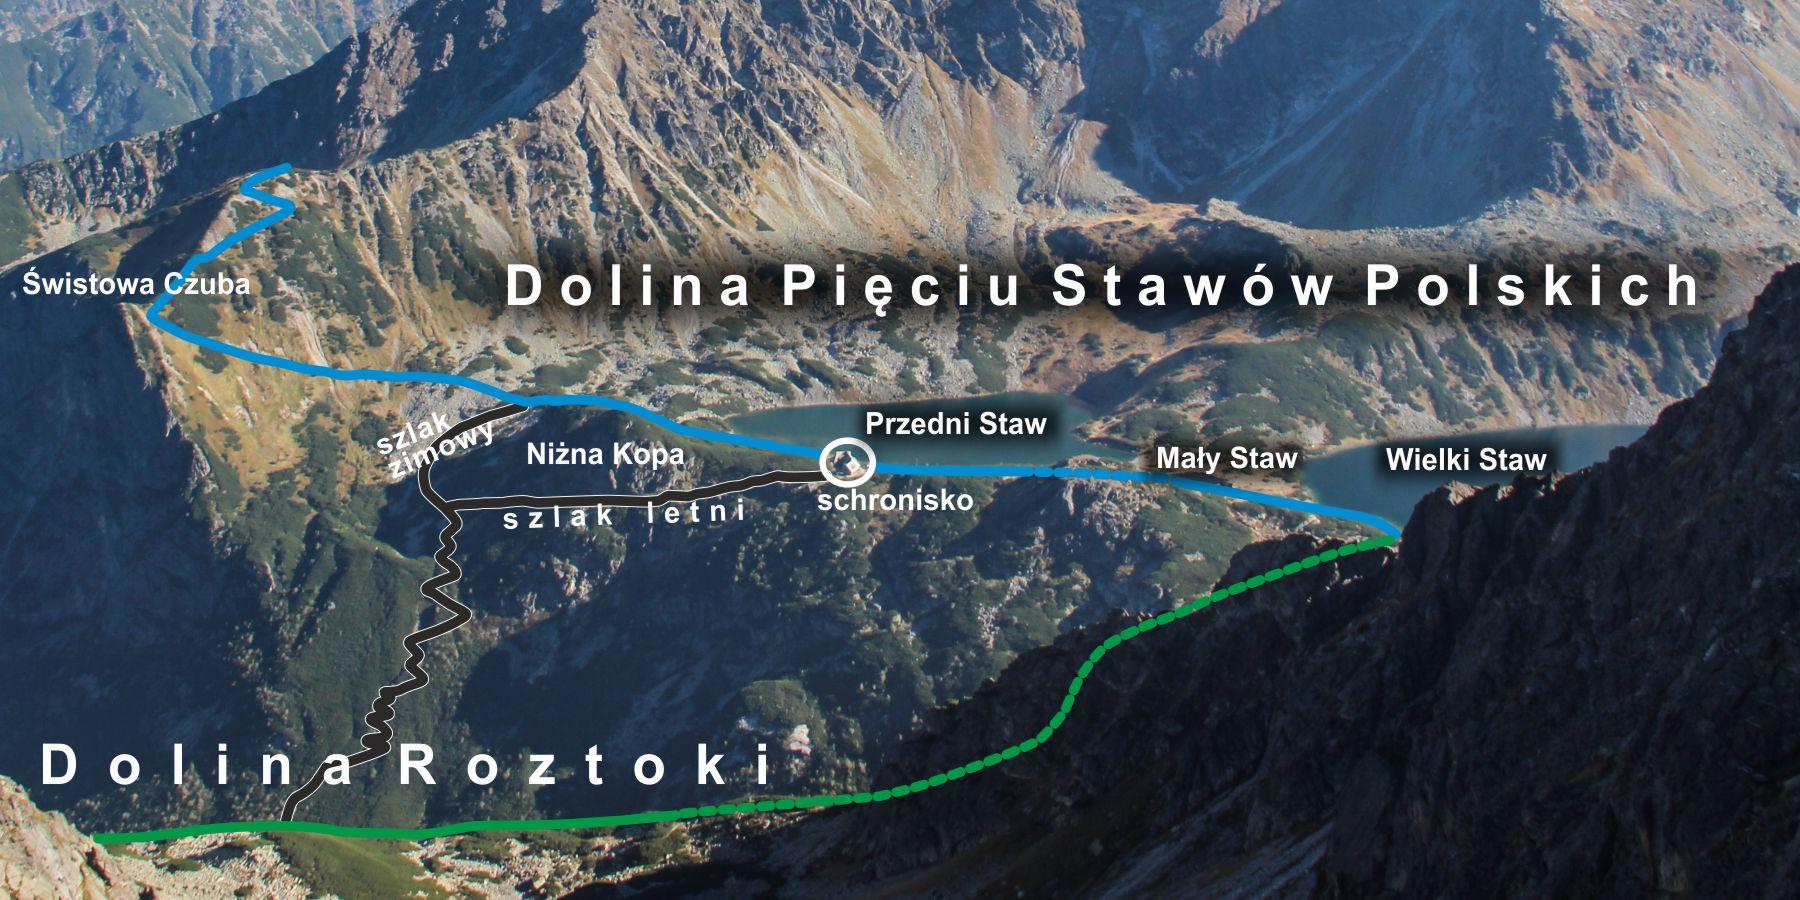 Szlaki doSchroniska wDolinie Pięciu Stawów Polskich